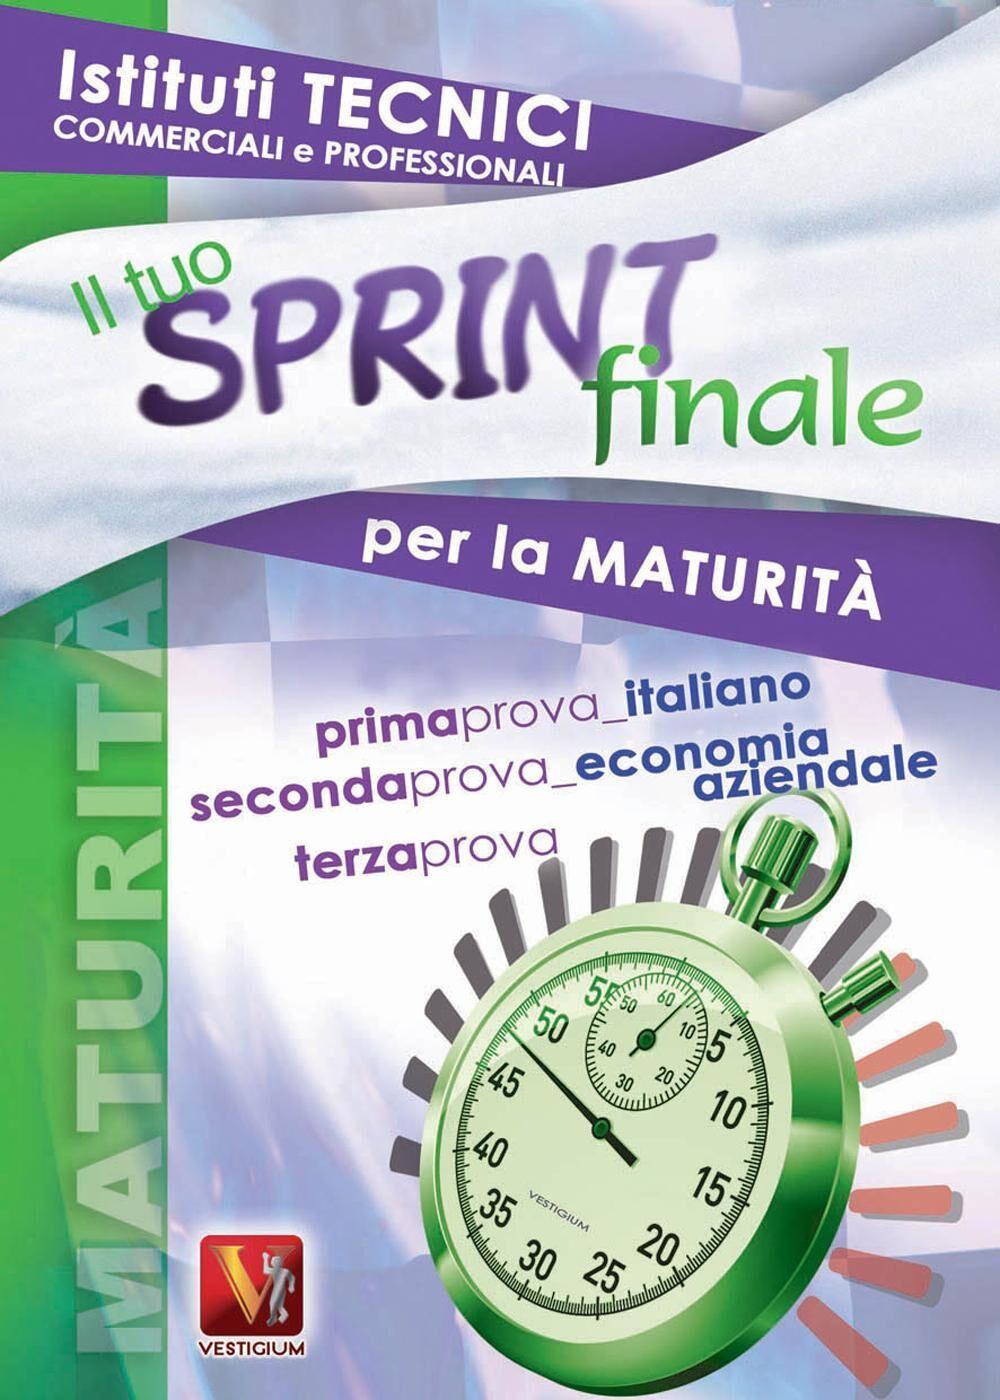 Il tuo sprint finale per la maturità. Istituti tecnici commerciali e professioanli